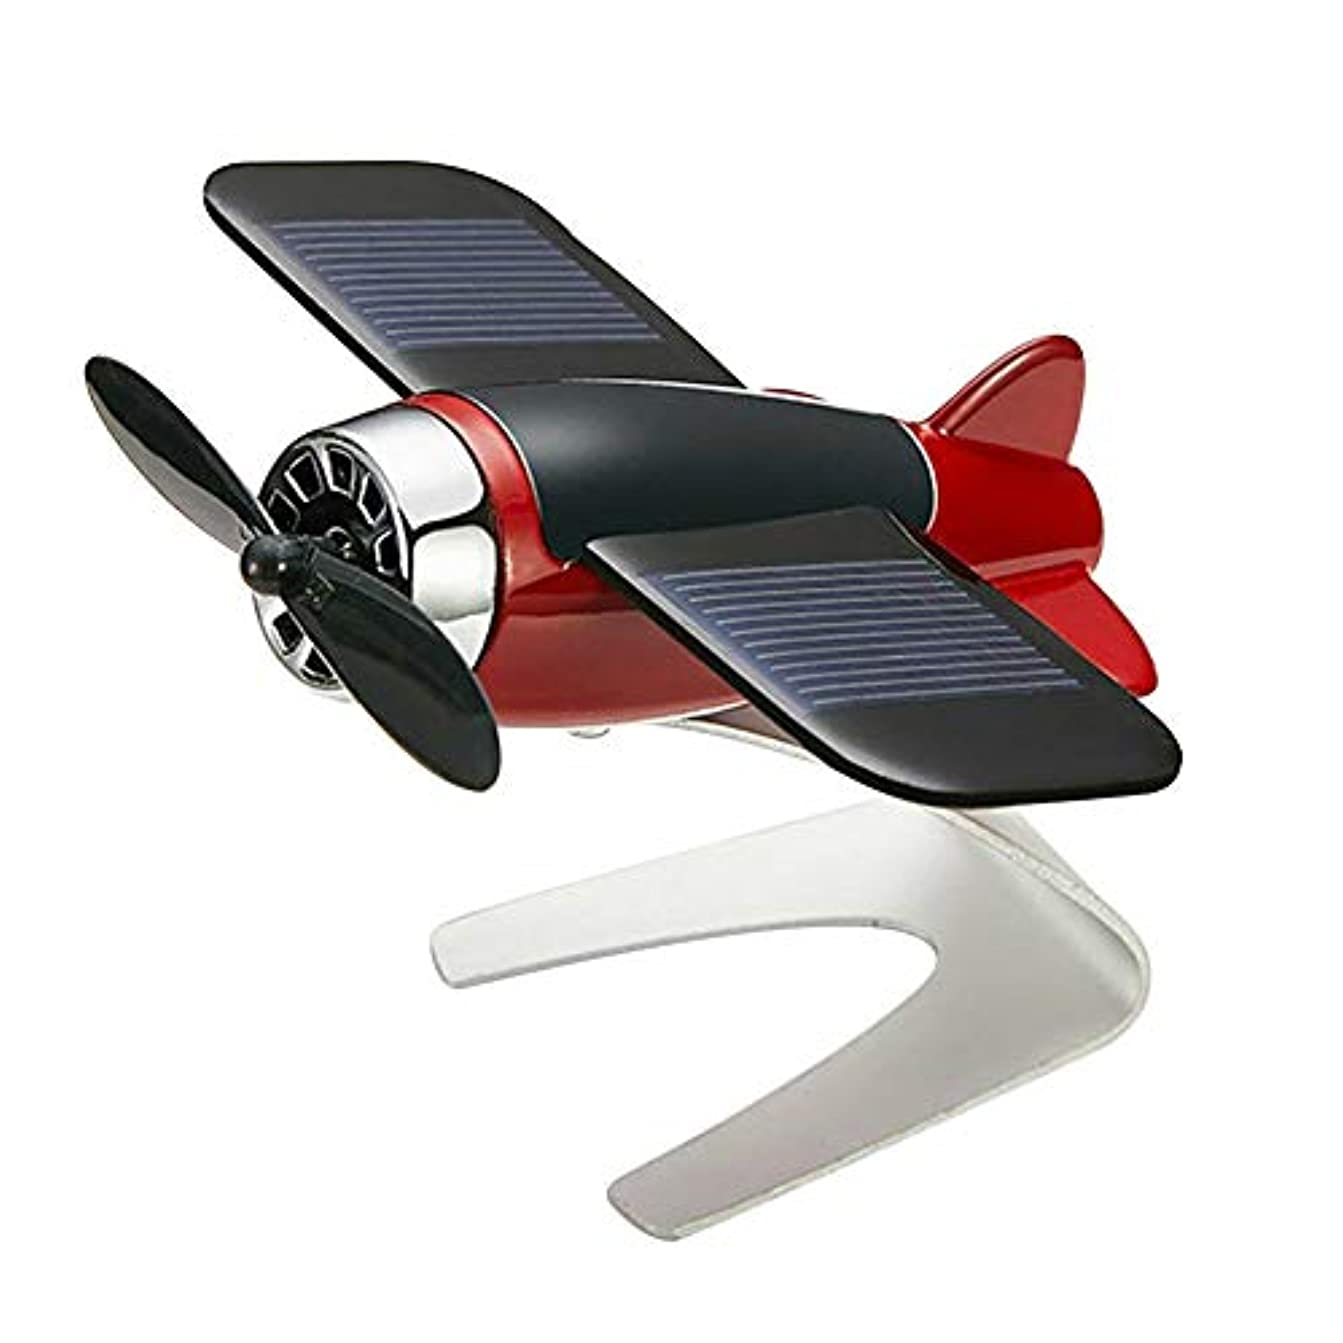 生偽装するエキゾチックSymboat 車の芳香剤飛行機航空機モデル太陽エネルギーアロマテラピー室内装飾